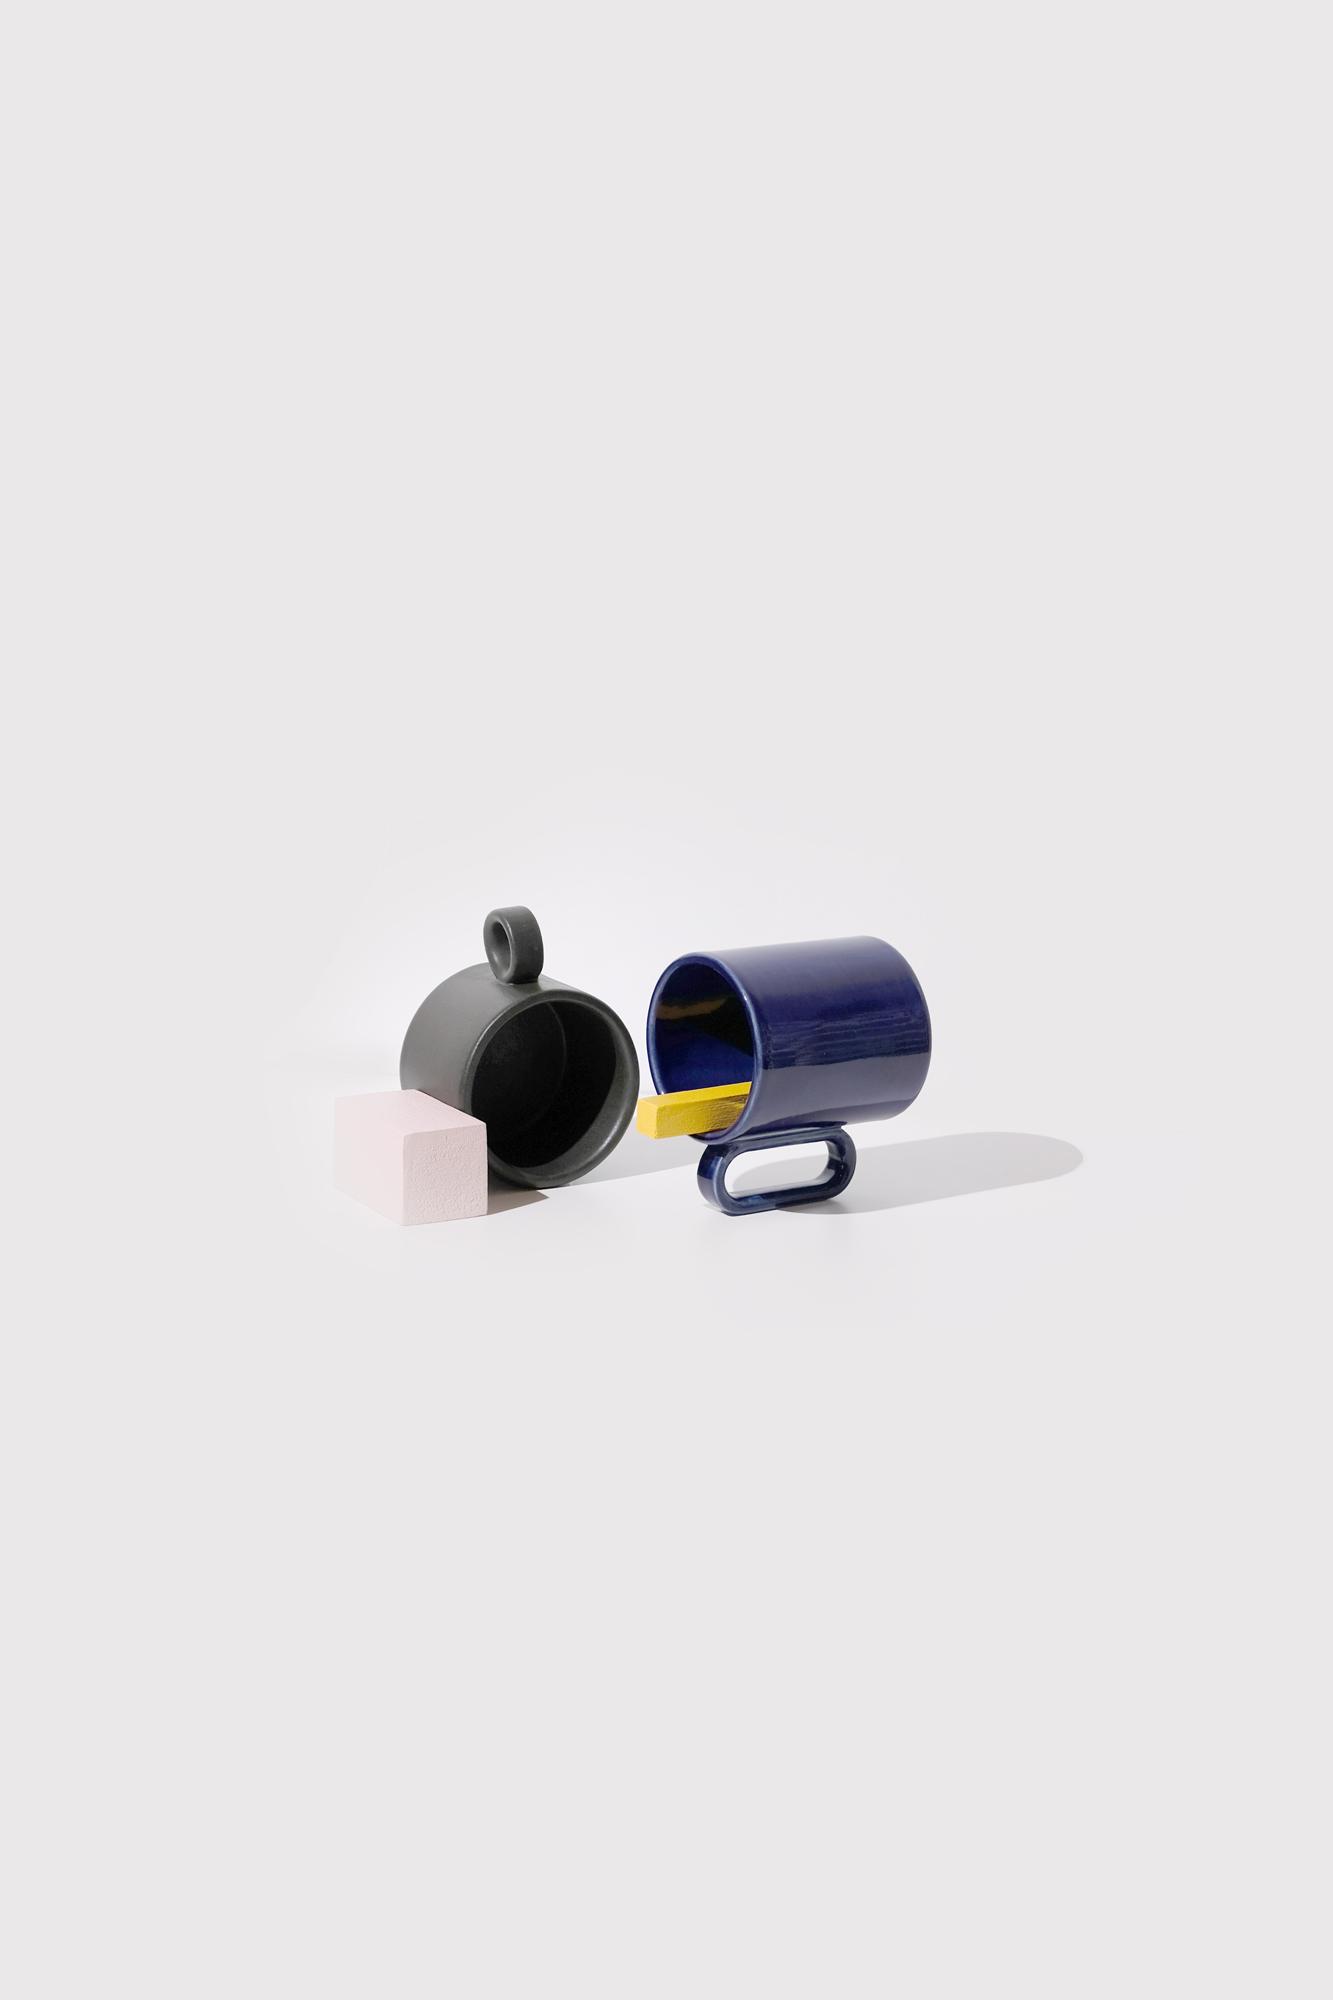 cup-and-mug.jpg